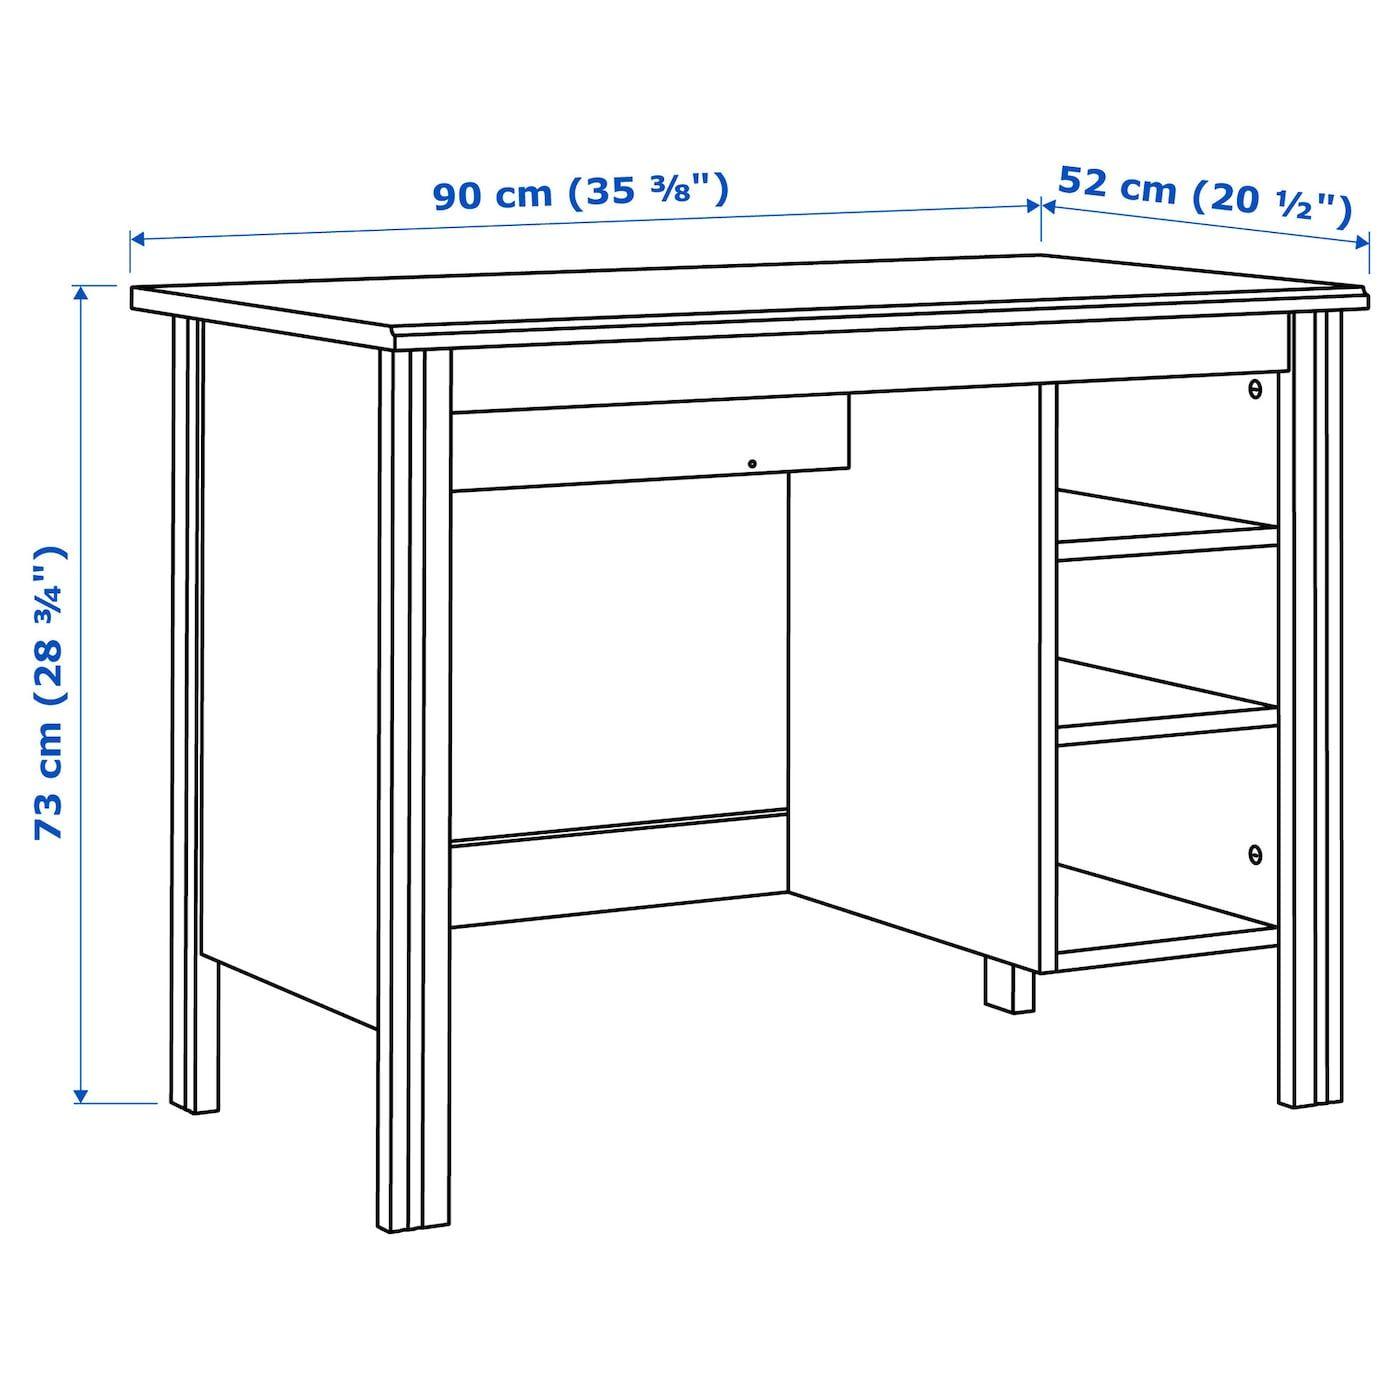 Brusali Desk Brown 35 3 8x20 1 2 Ikea In 2020 Ikea Brusali Brusali Ikea